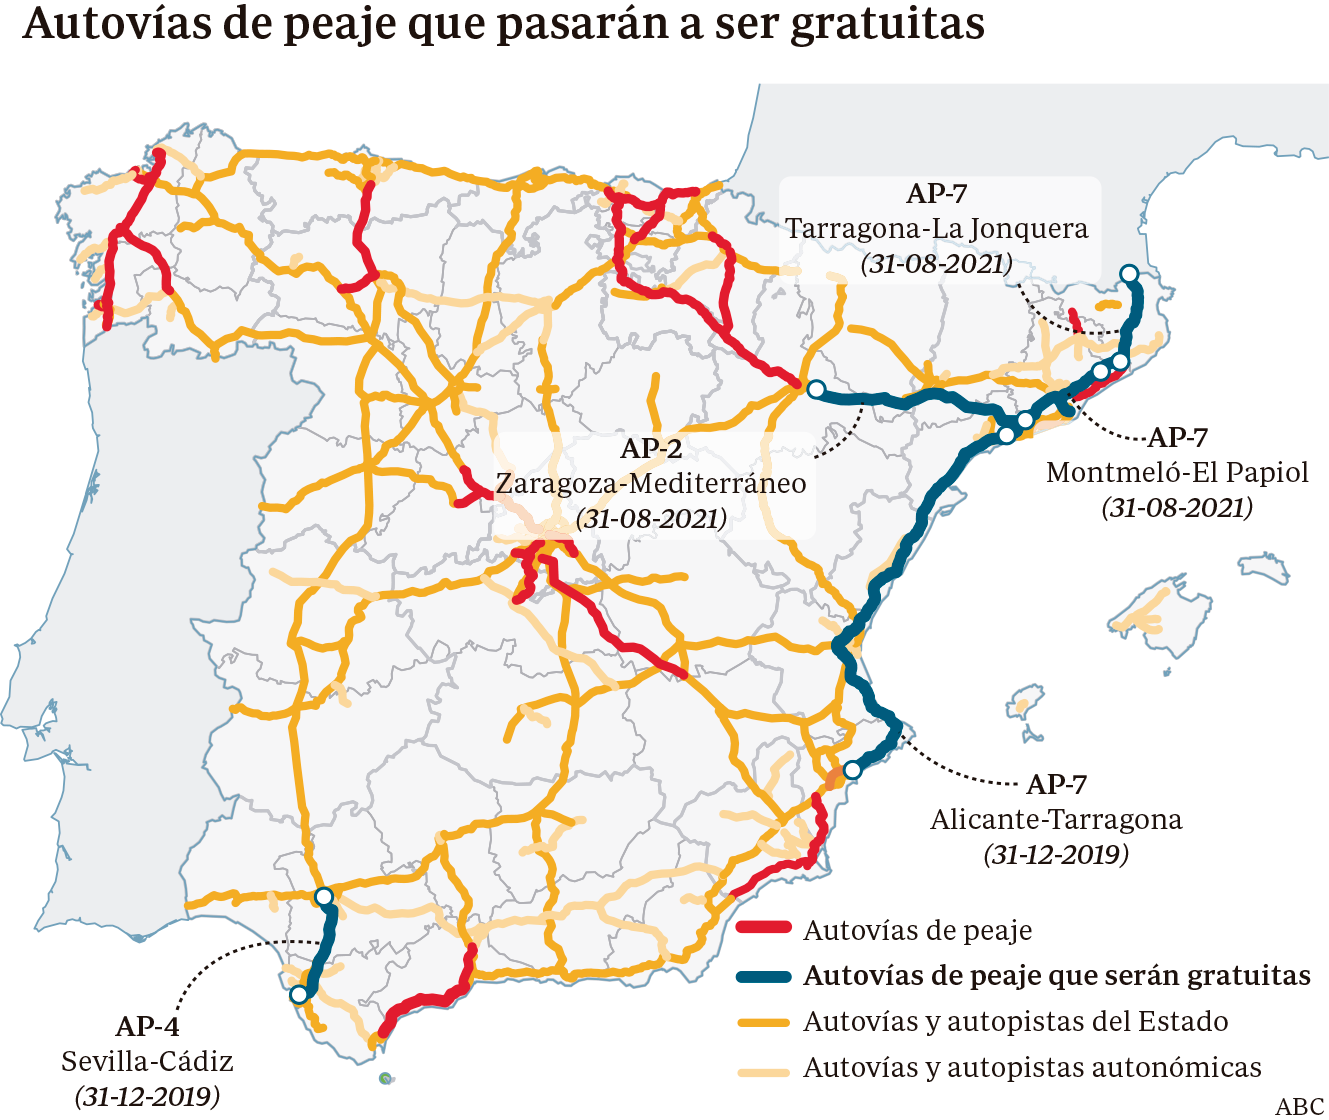 La Autopista AP-7 es gratis a partir de enero, excepto entre Alicante y Vera